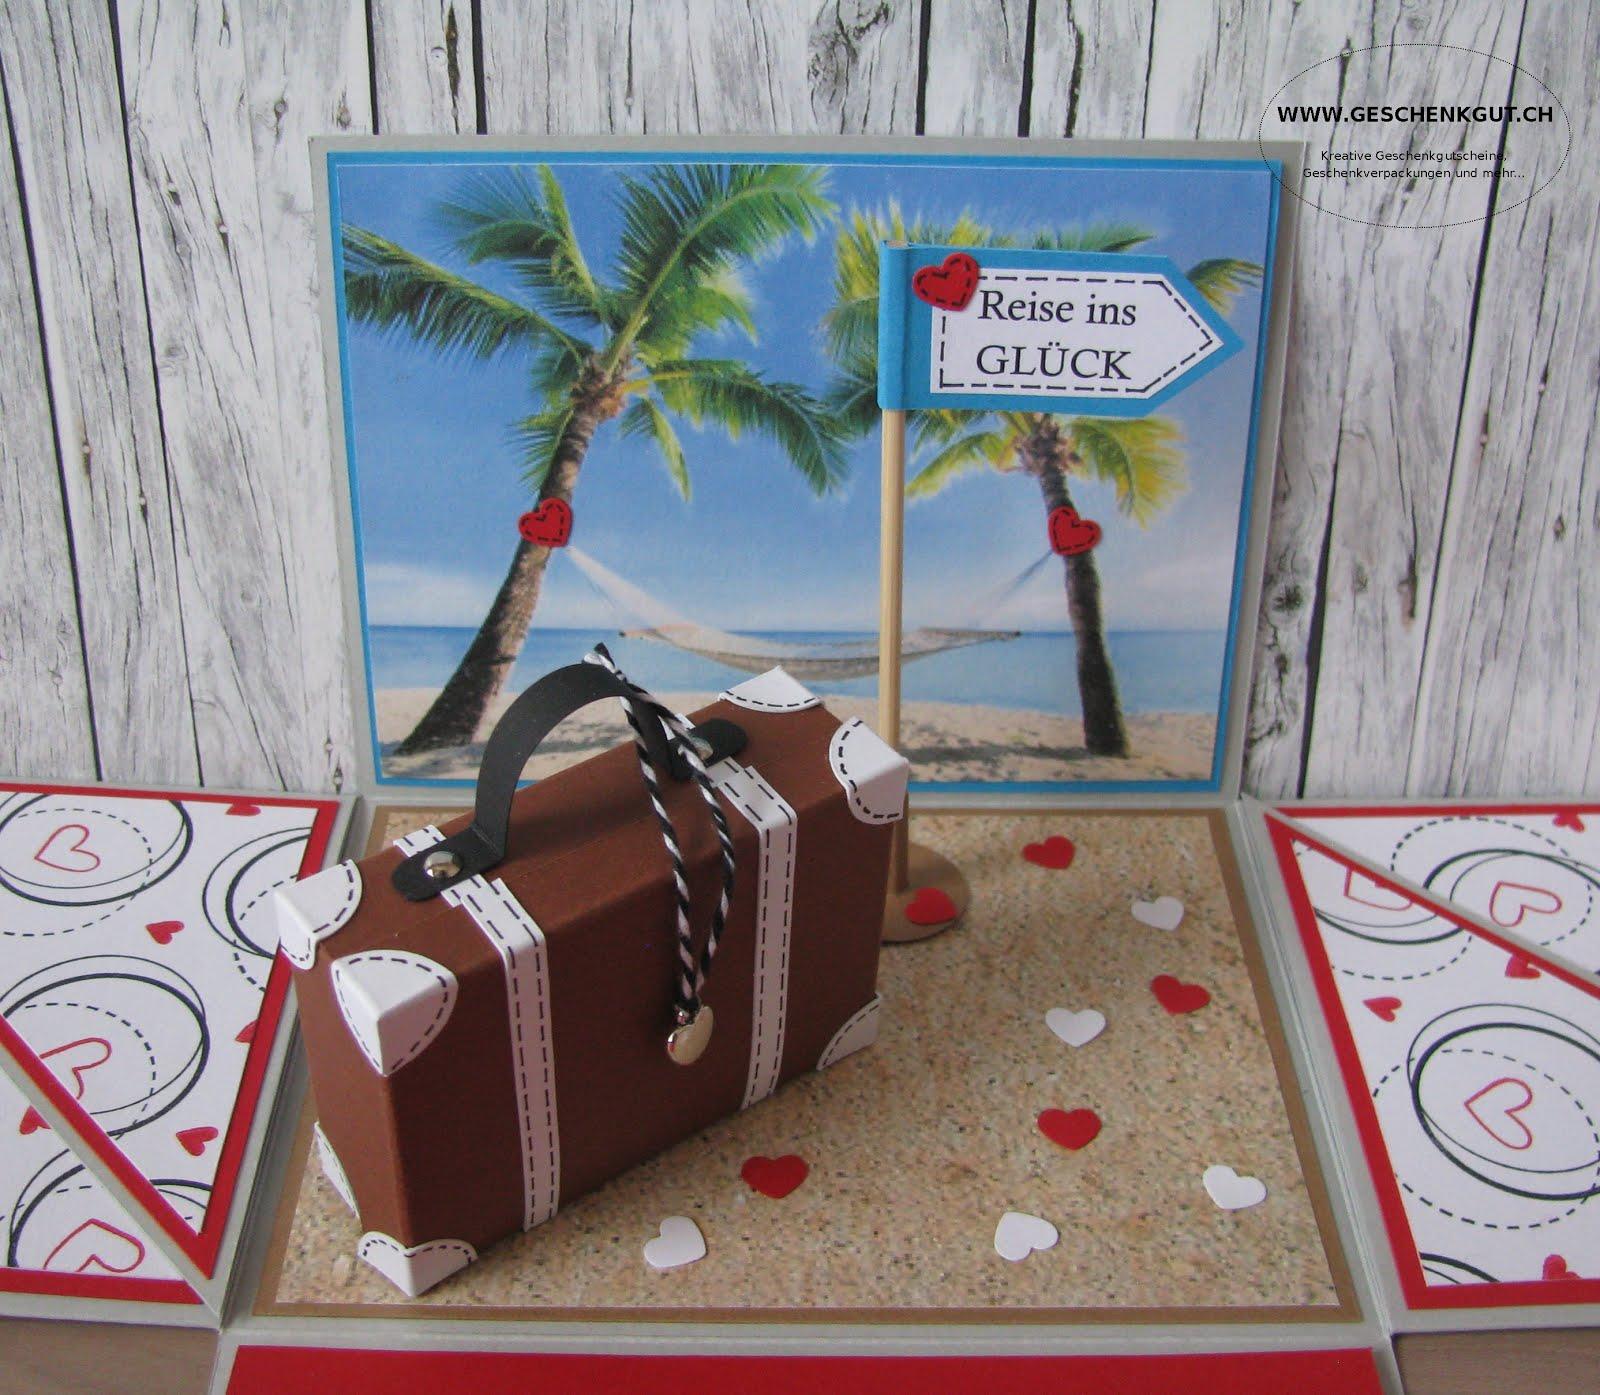 geschenkgut shop geschenkverpackungen geschenkgutscheine zum thema hochzeit. Black Bedroom Furniture Sets. Home Design Ideas